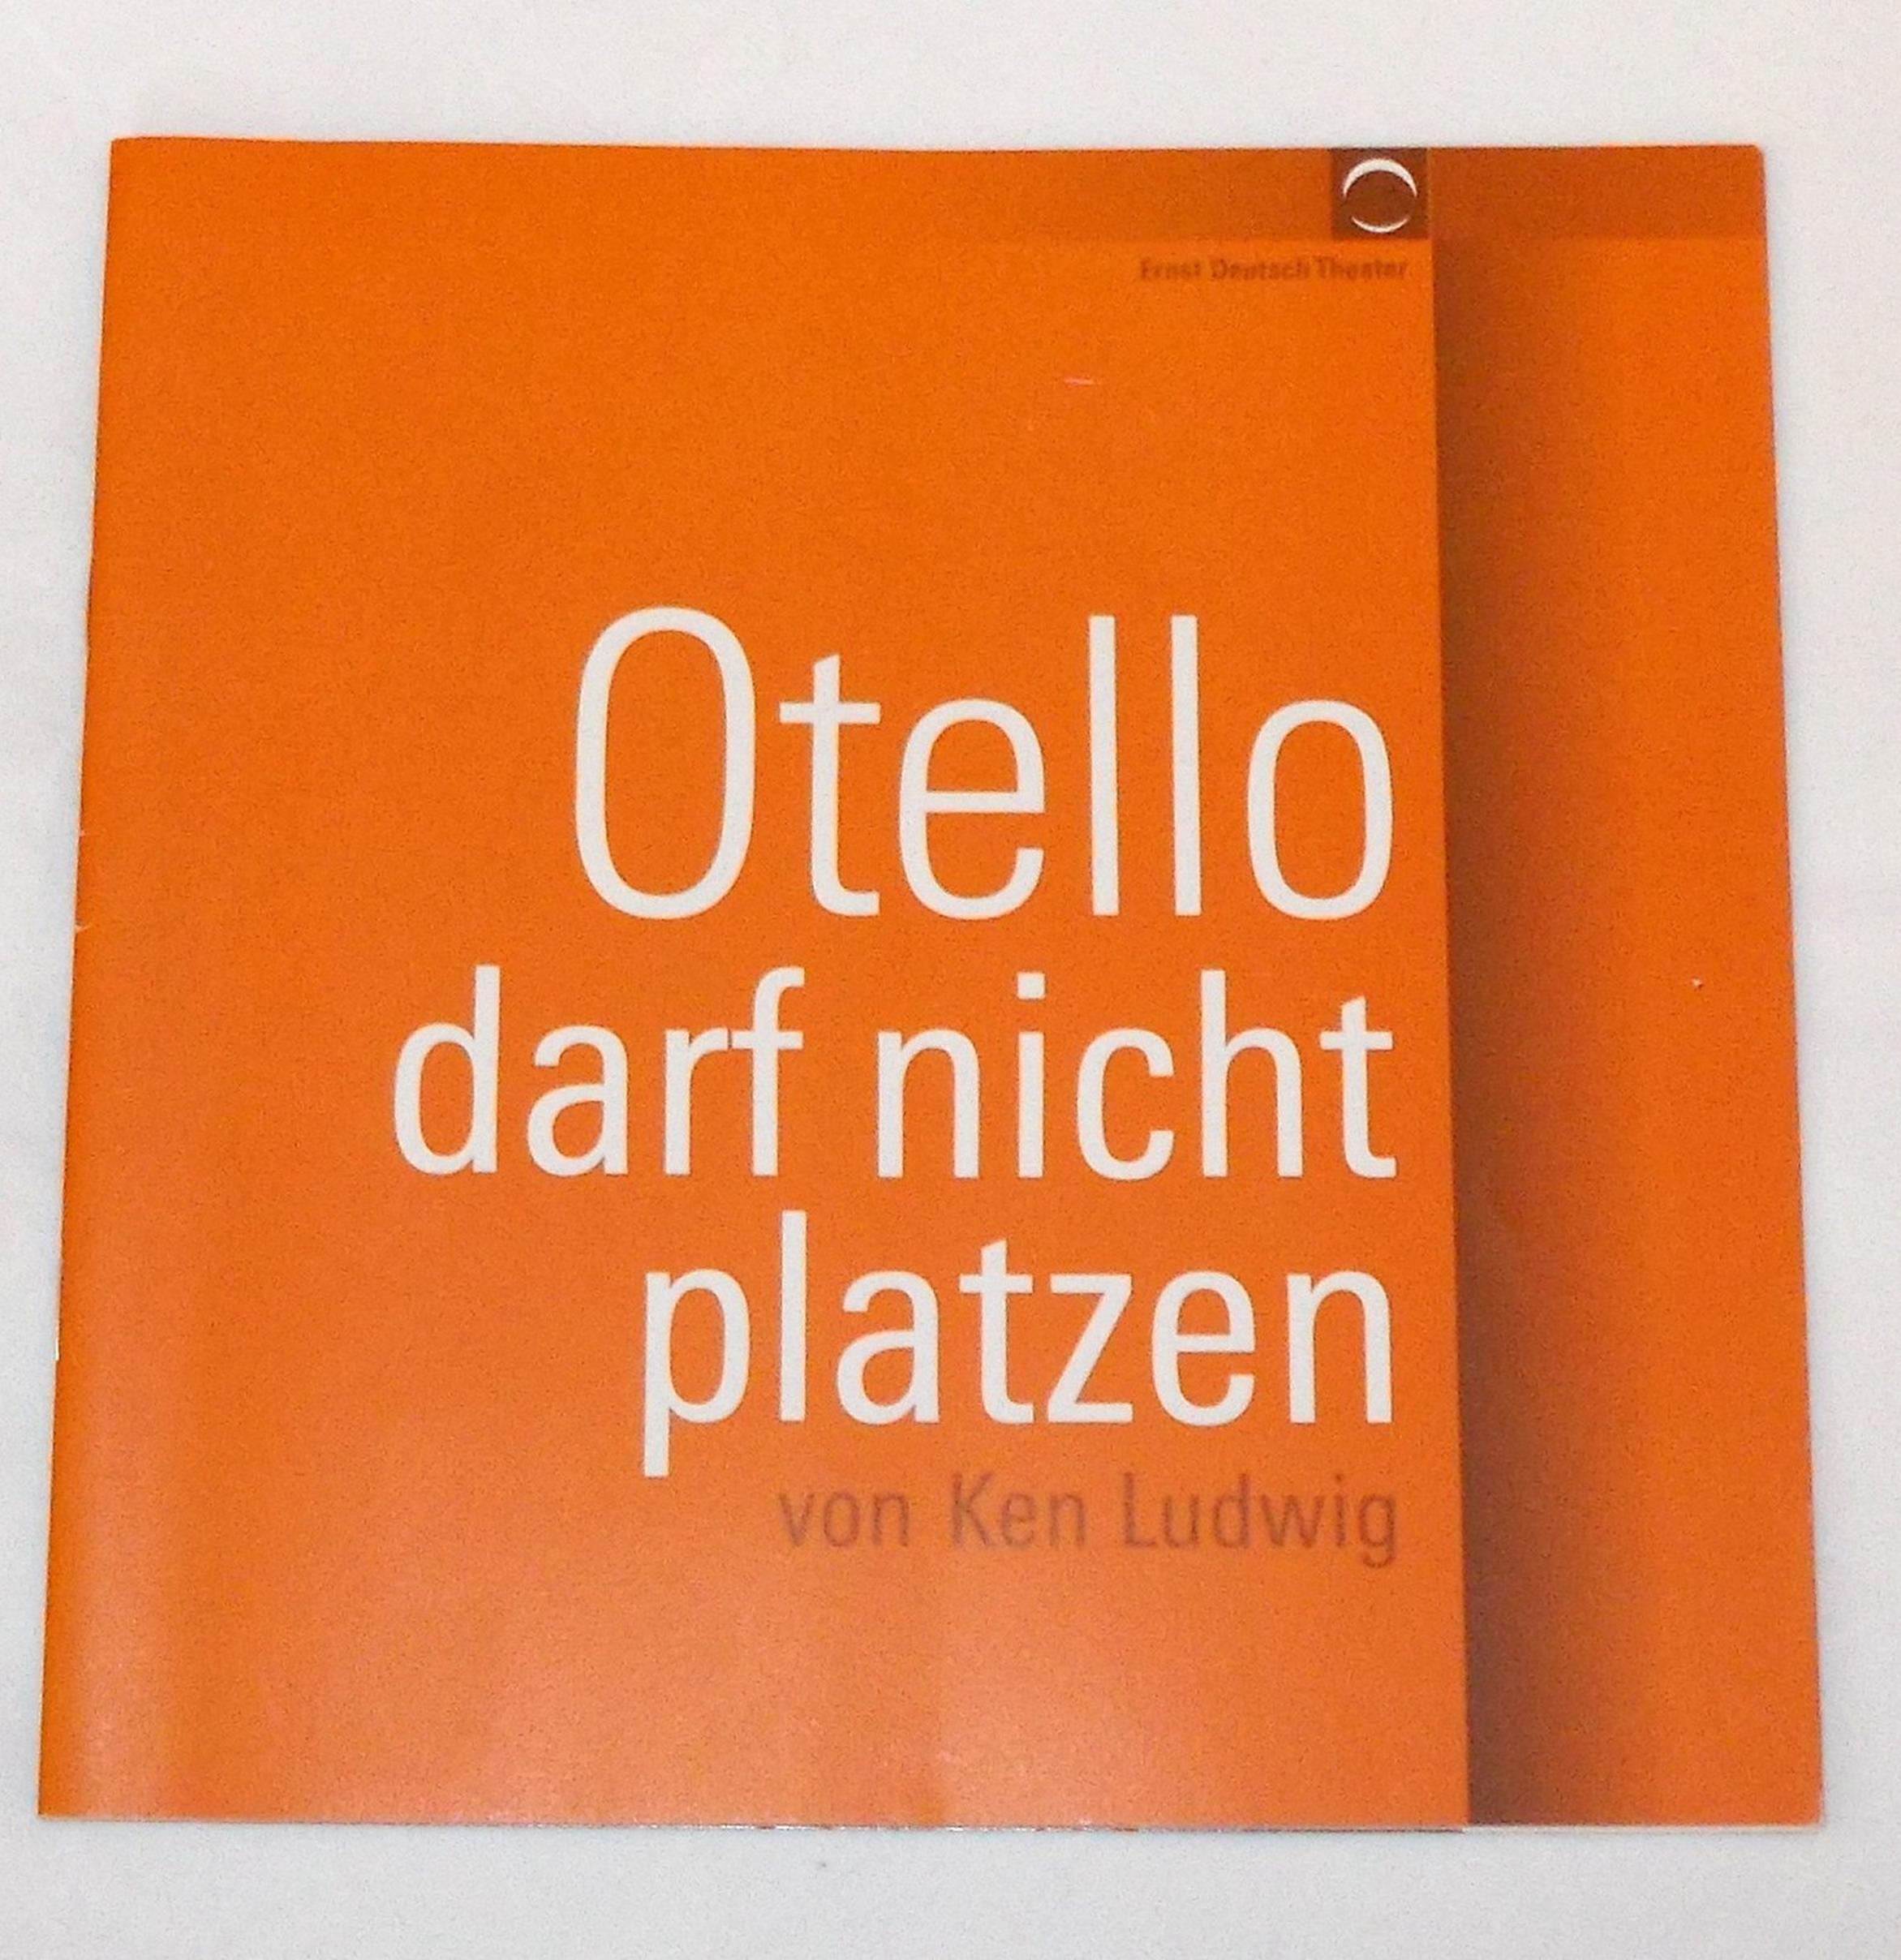 Programmheft Otello darf nicht platzen von Ken Ludwig Ernst Deutsch Theater 2005